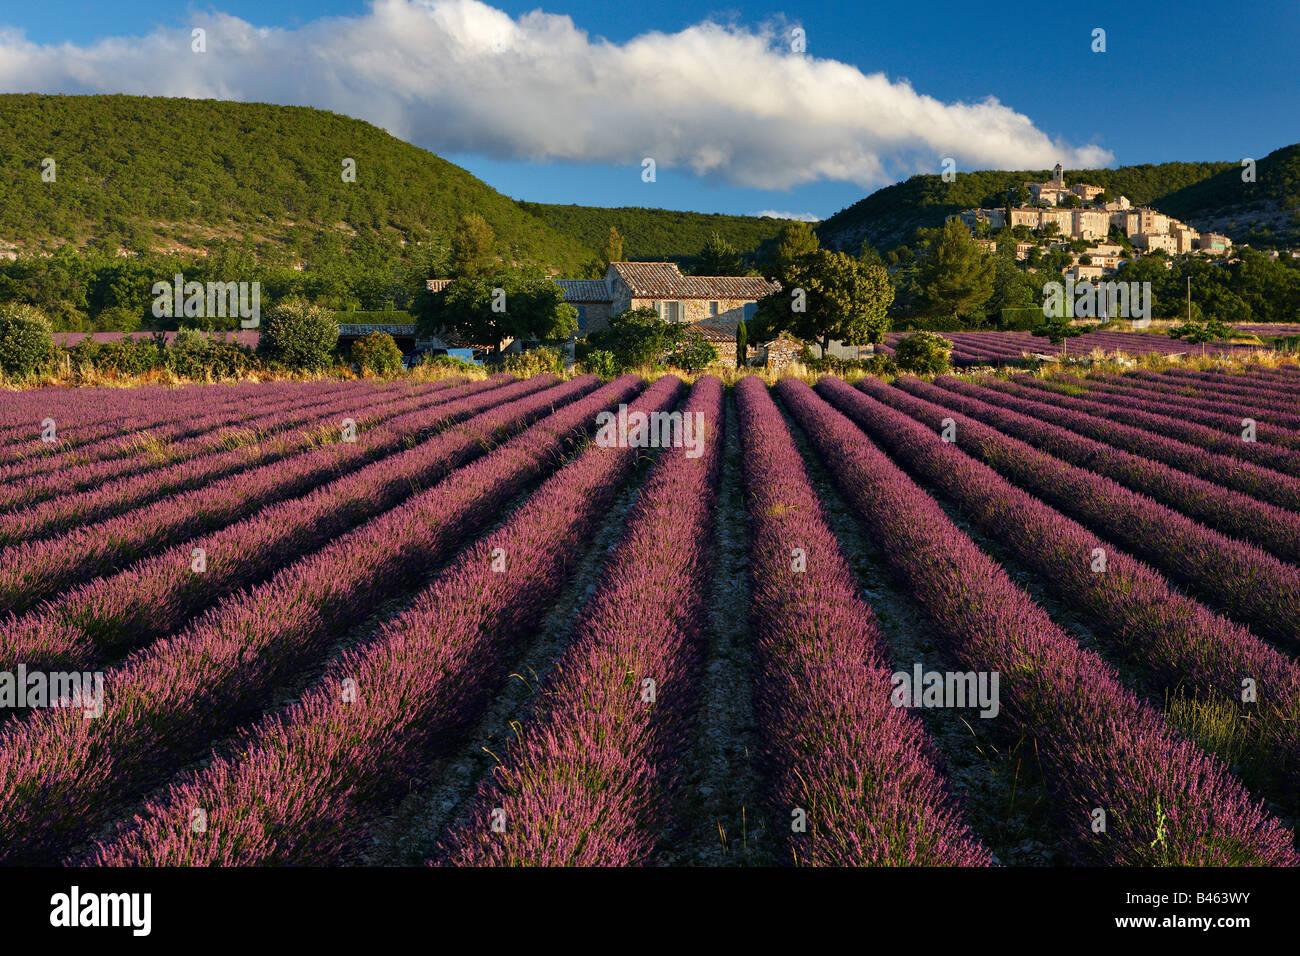 Un champ de lavande avec le village de Banon au-delà, le Vaucluse, Provence, France Photo Stock